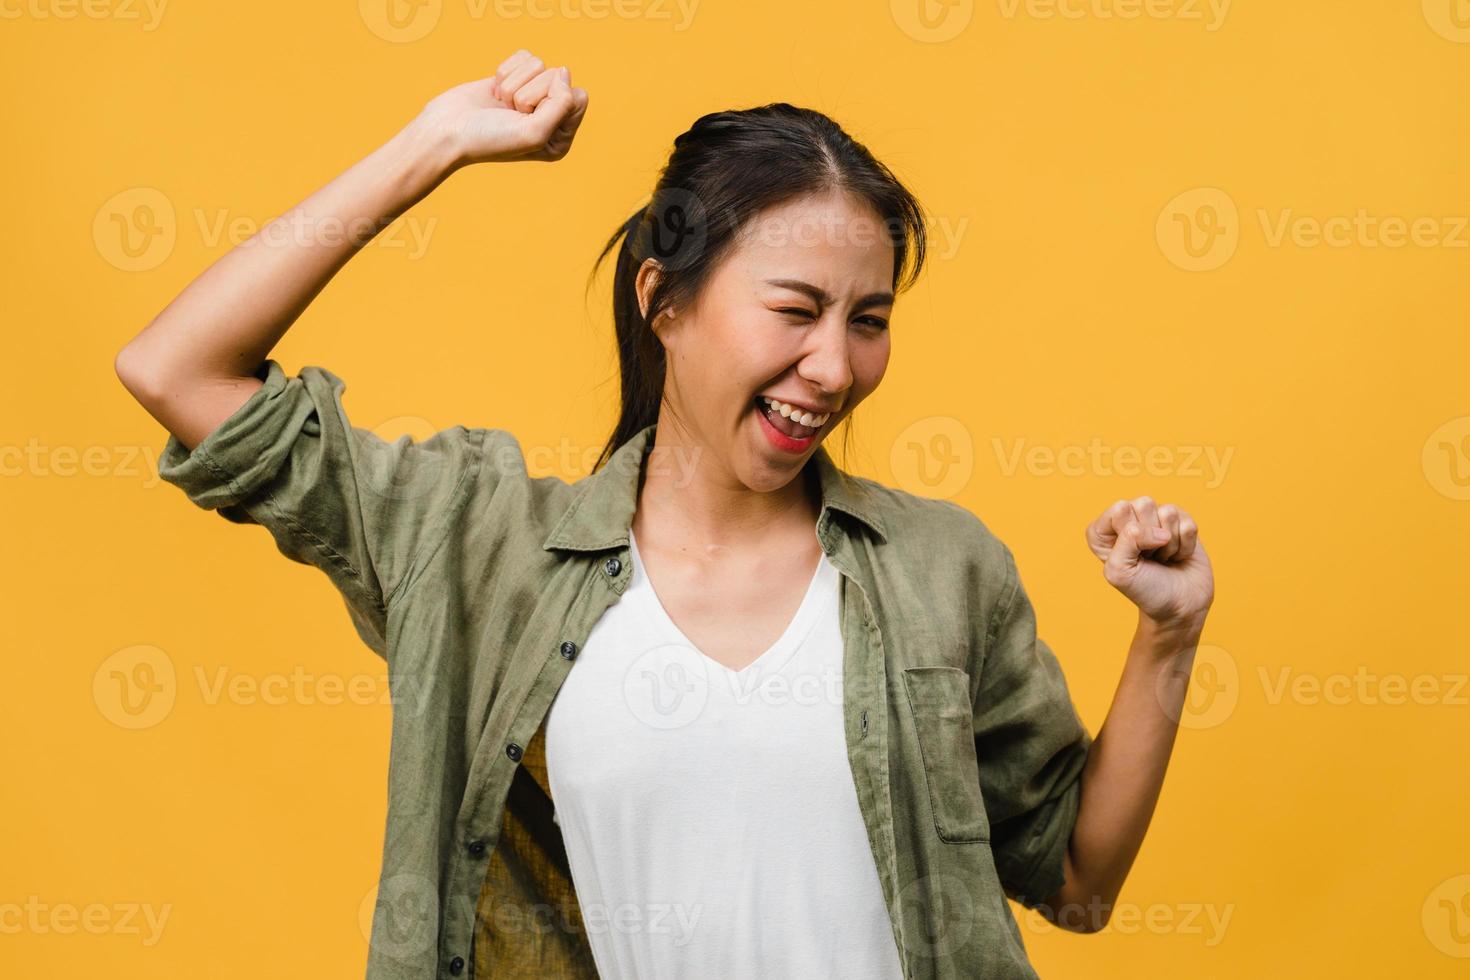 jeune femme asiatique à l'expression positive, joyeuse et excitante, vêtue d'un tissu décontracté sur fond jaune avec un espace vide. heureuse adorable femme heureuse se réjouit du succès. concept d'expression faciale. photo